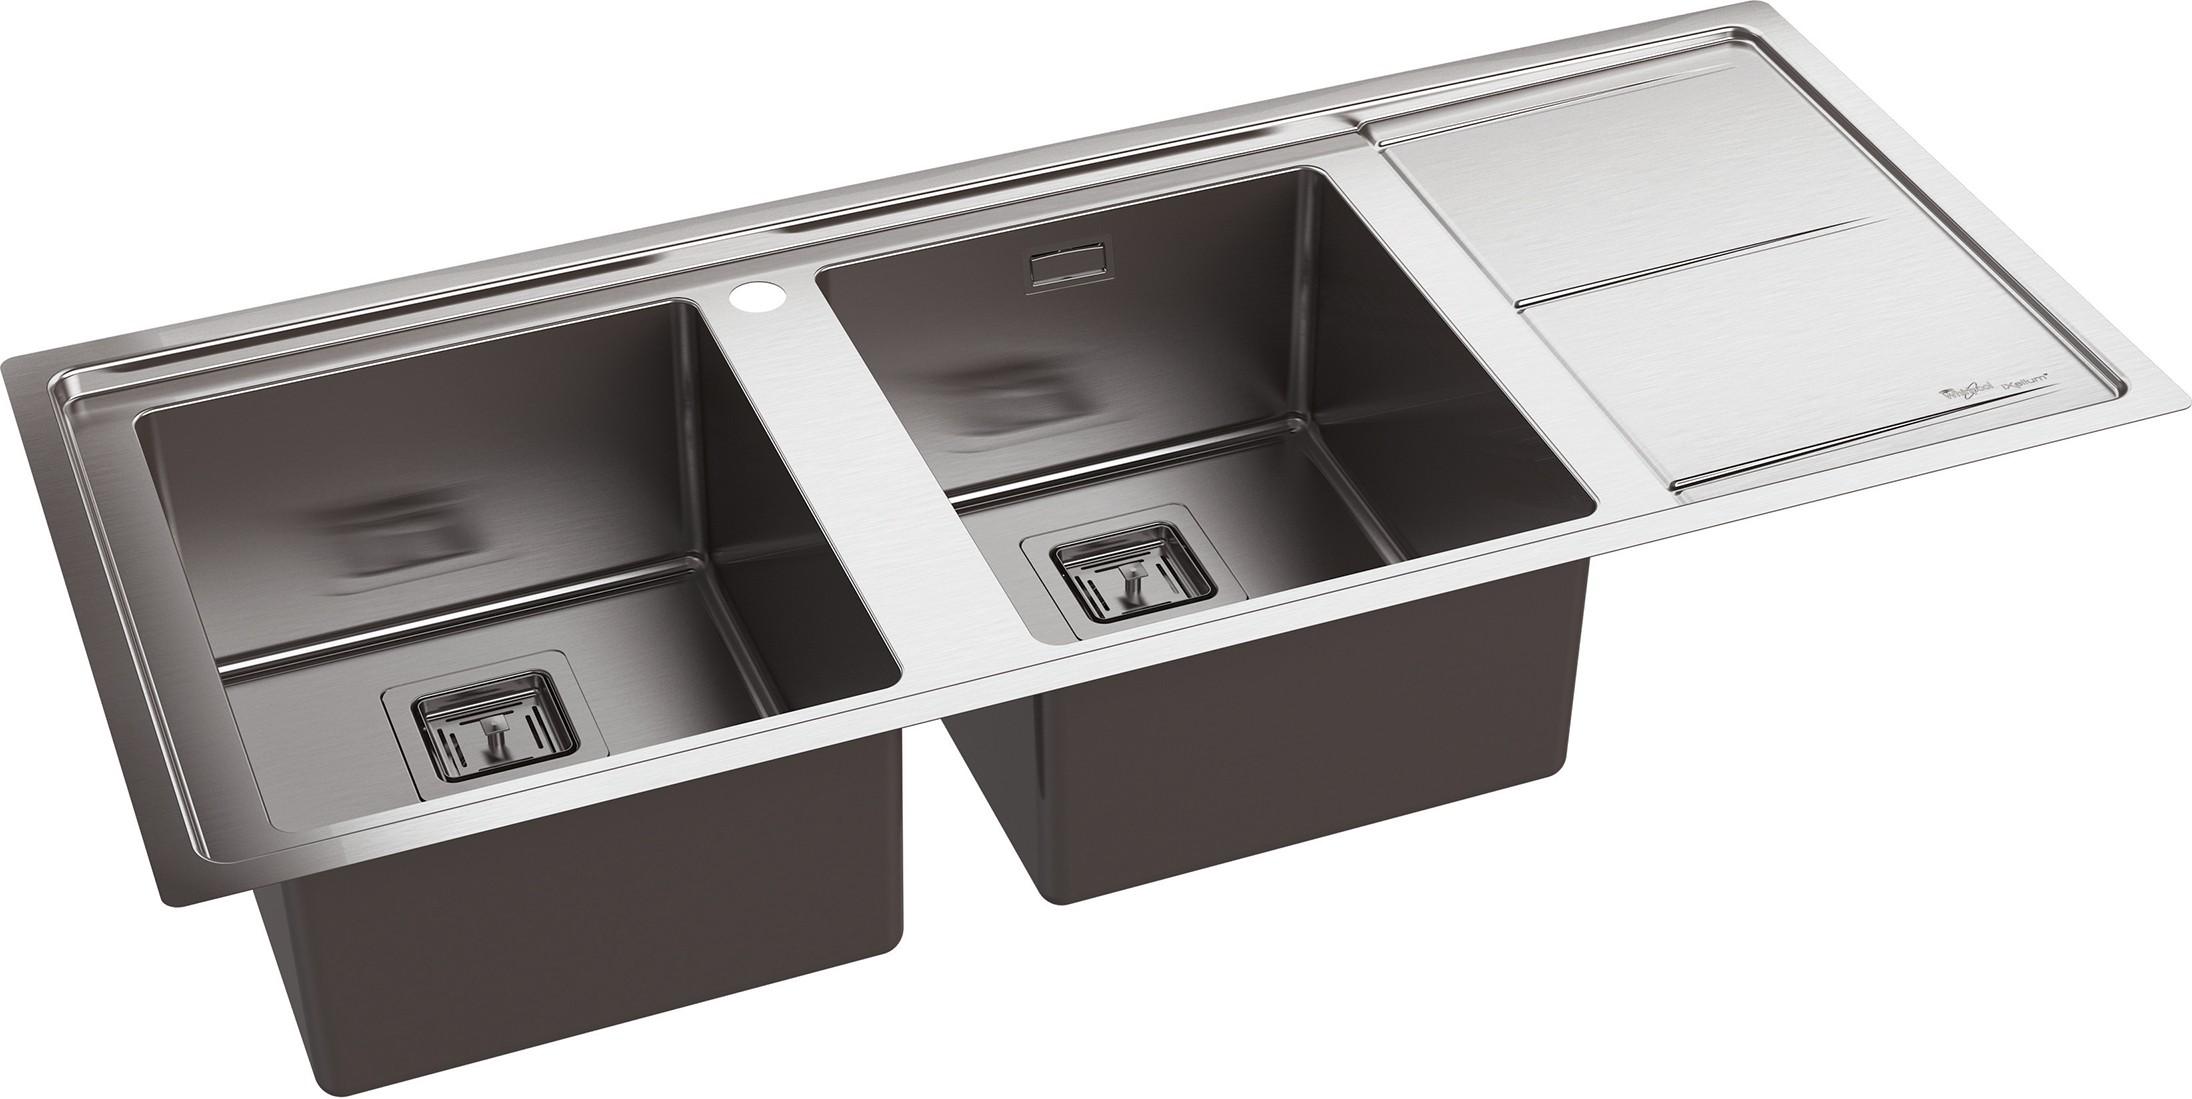 Whirlpool lavello cucina incasso 2 vasche con gocciolatoio dx larghezza 120 cm materiale e - Lavello cucina incasso ...